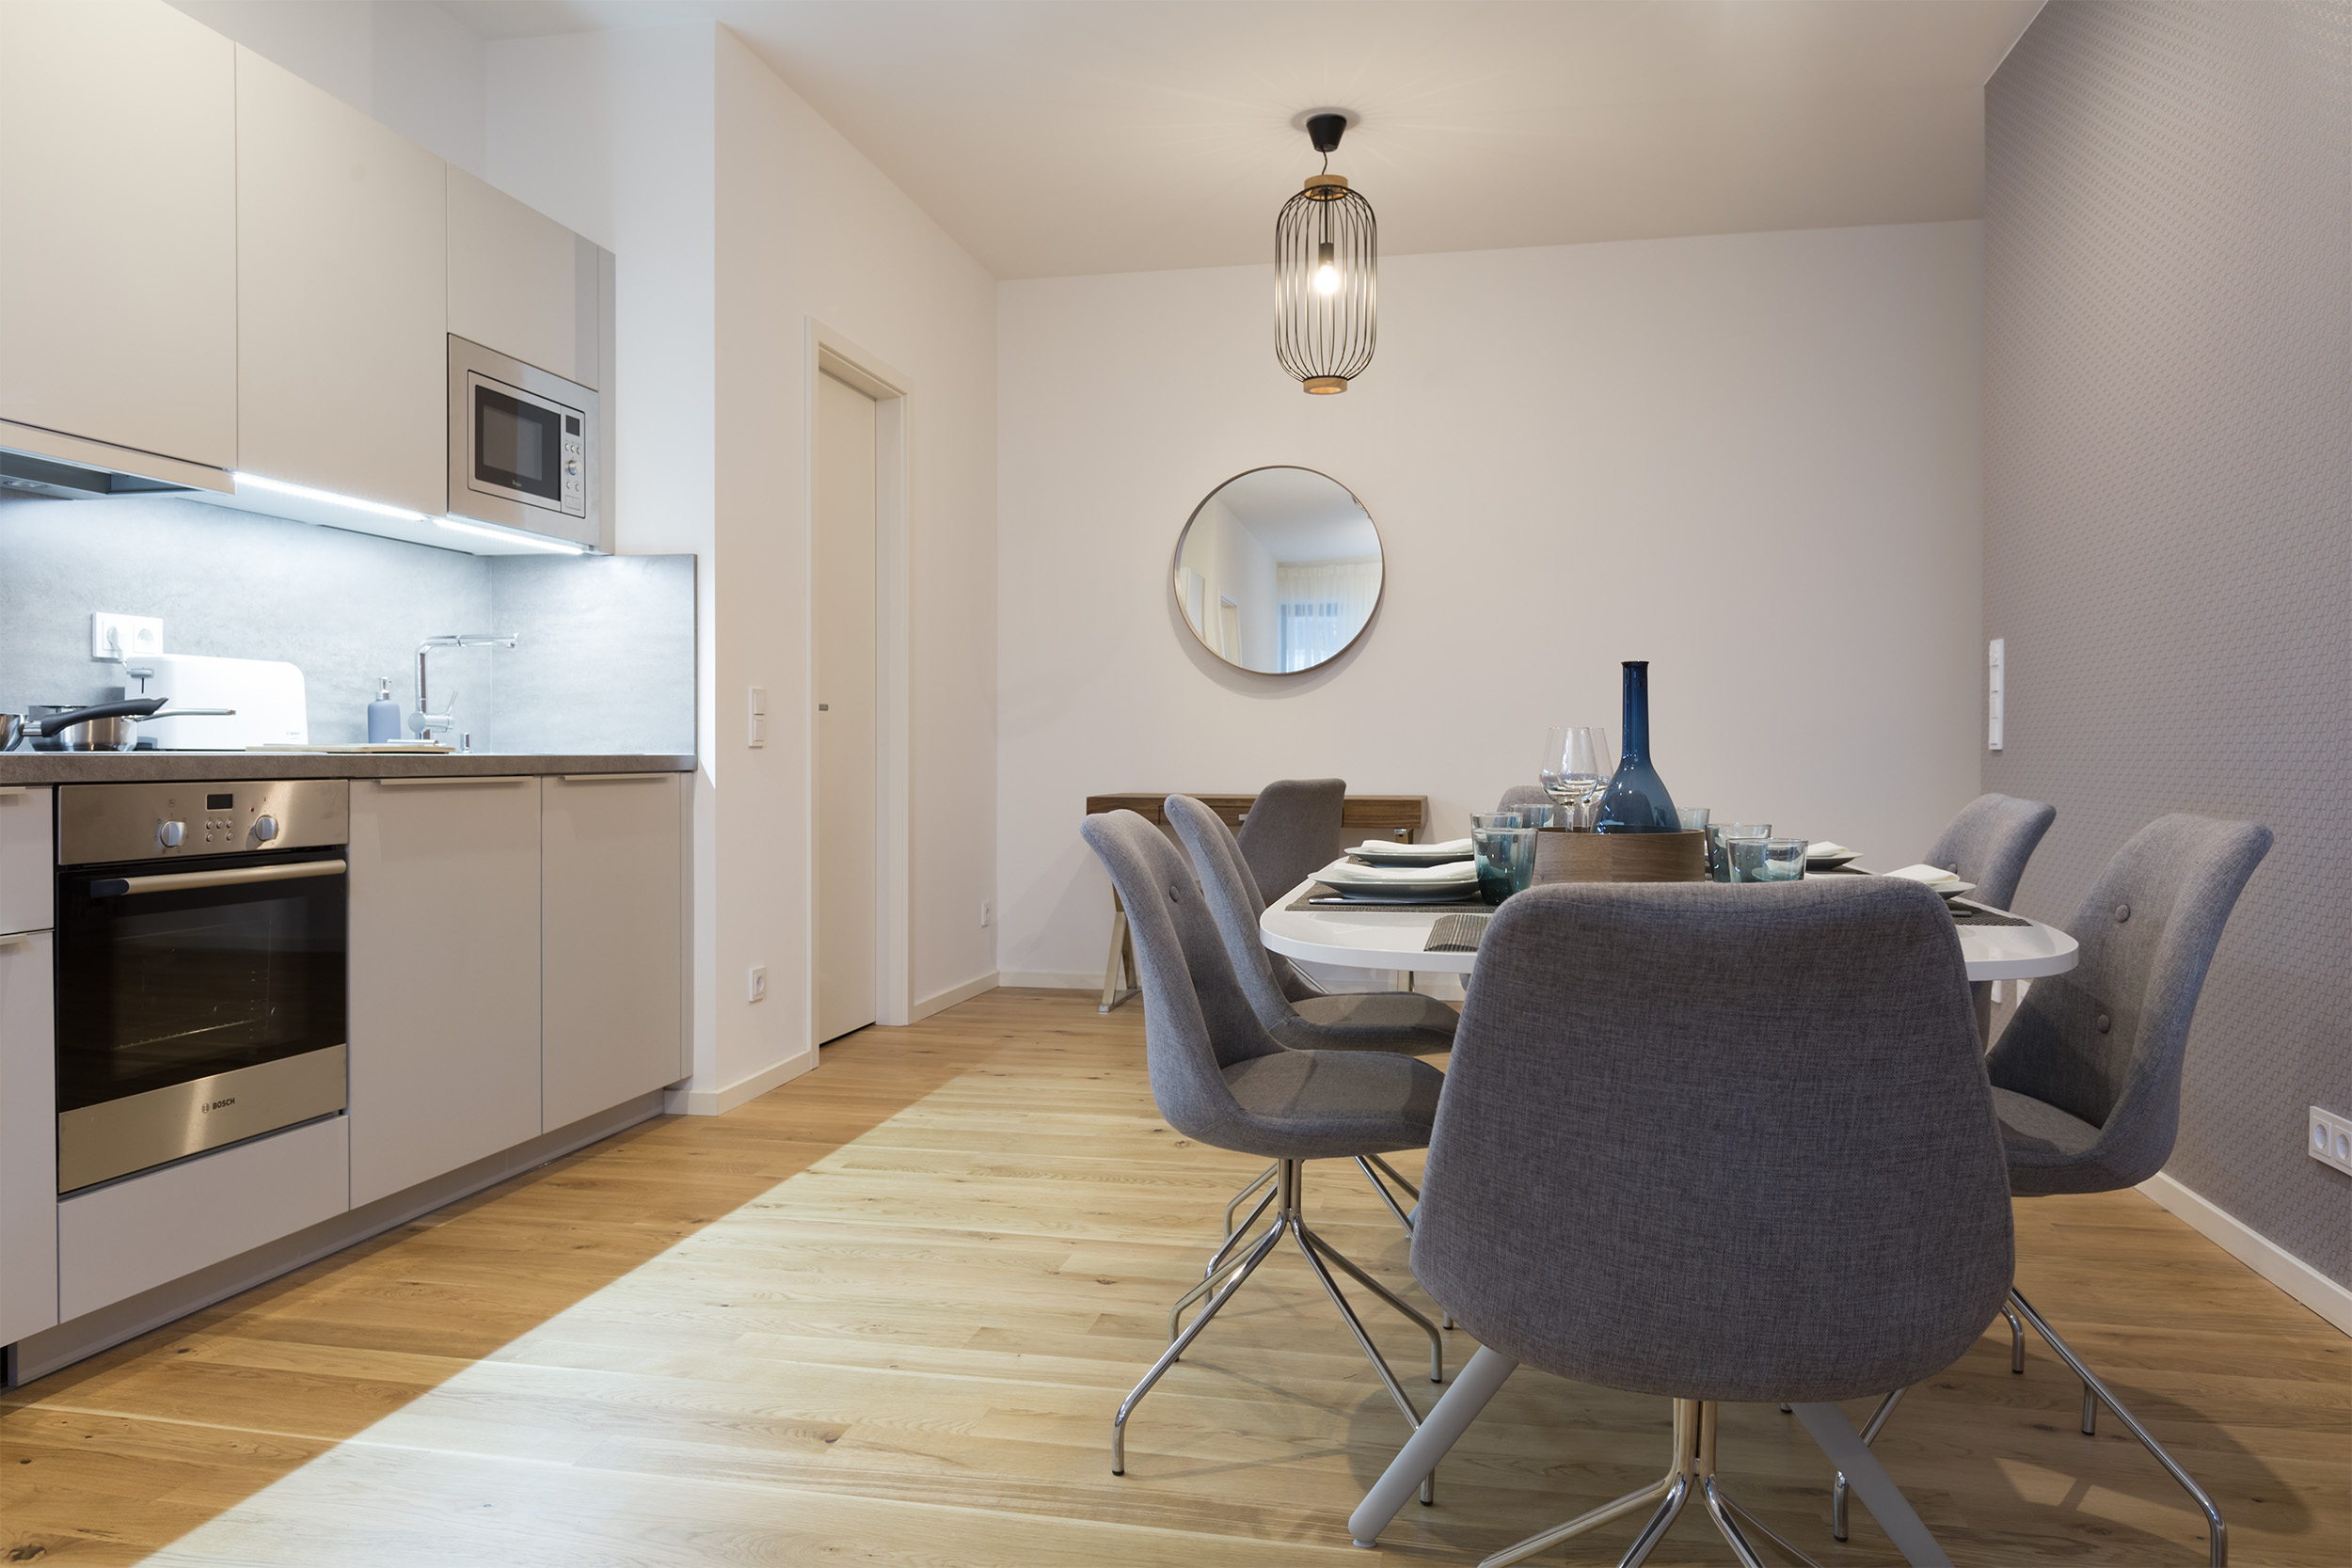 re-vamp+möbliertes+Mikropapartment+WE+73+Küche_Wohnzimmer.jpg